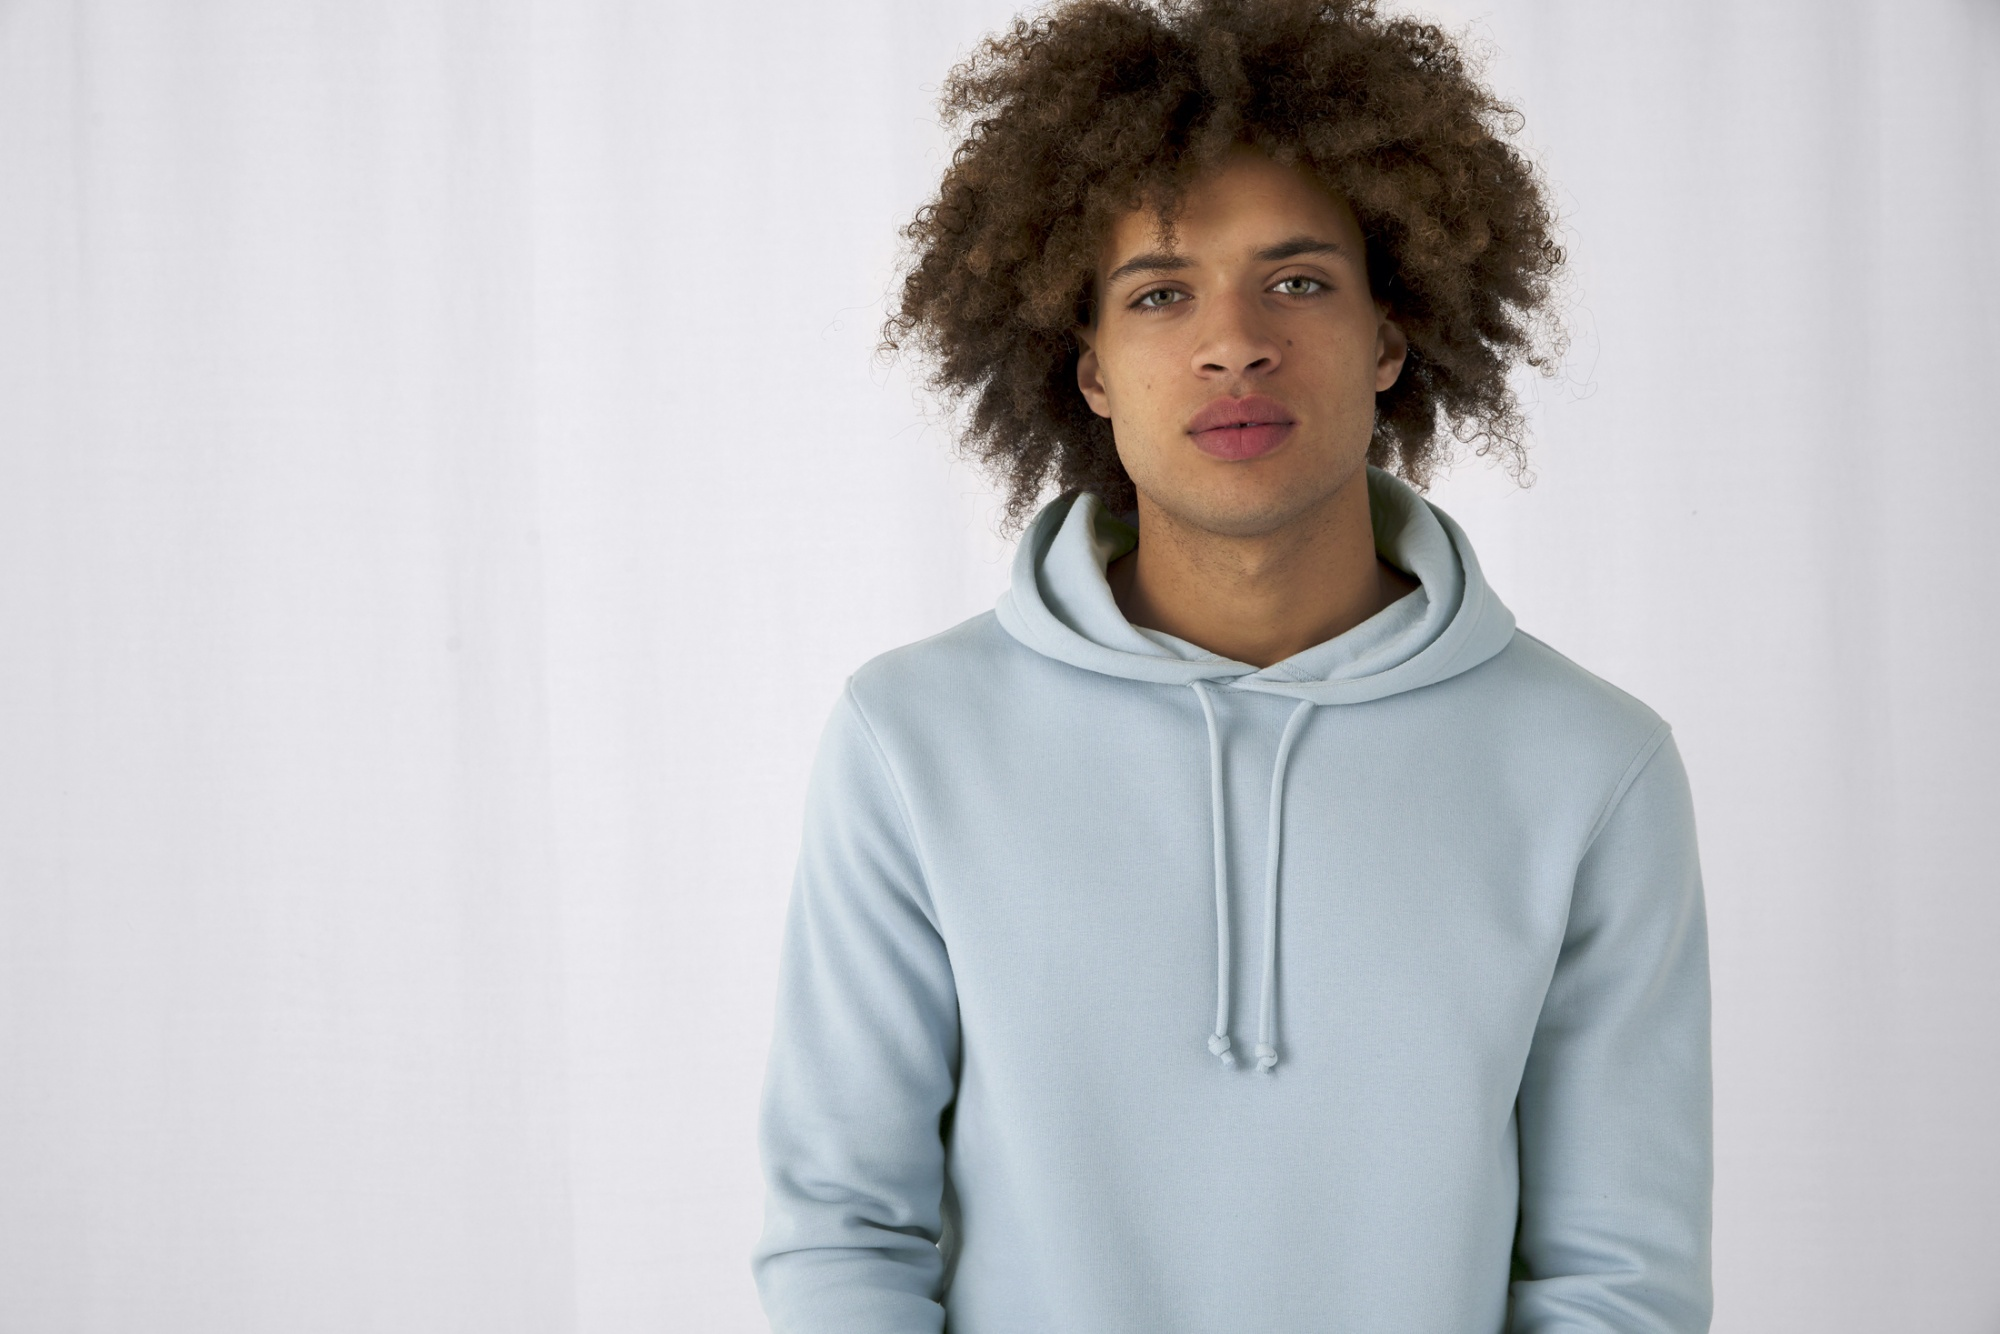 WU33B_B&C_Collection_Sweatshirt_Capuche_Kangourou_Poches_Laterales_Capuche double_Doux, Qualité, 109 t-shirts